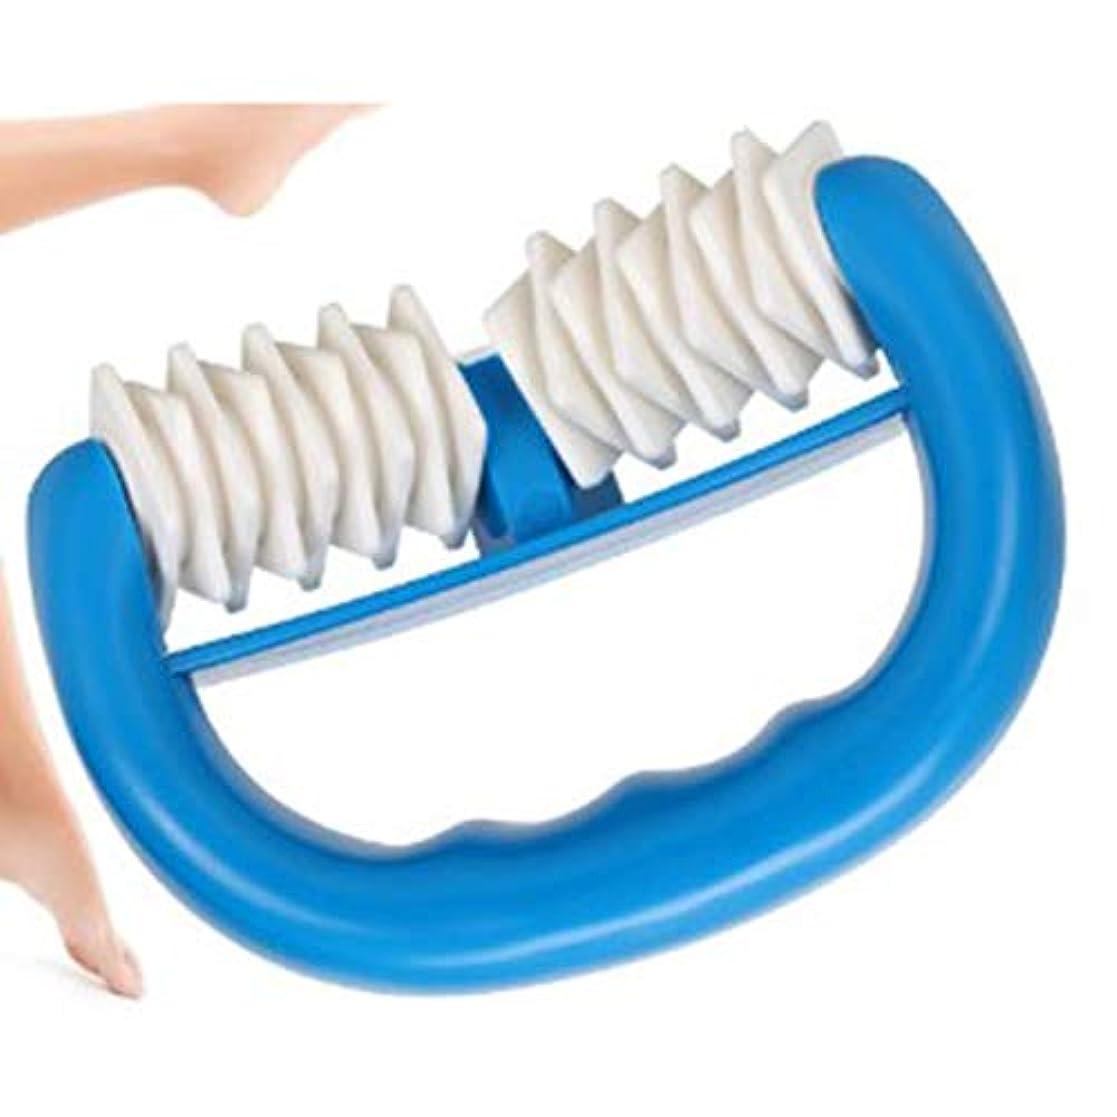 ペース繊維類人猿Handheld Massage Body Roller for Relief Muscle Point Body Massage Stick Relief Stress Health Care Pressure Point...